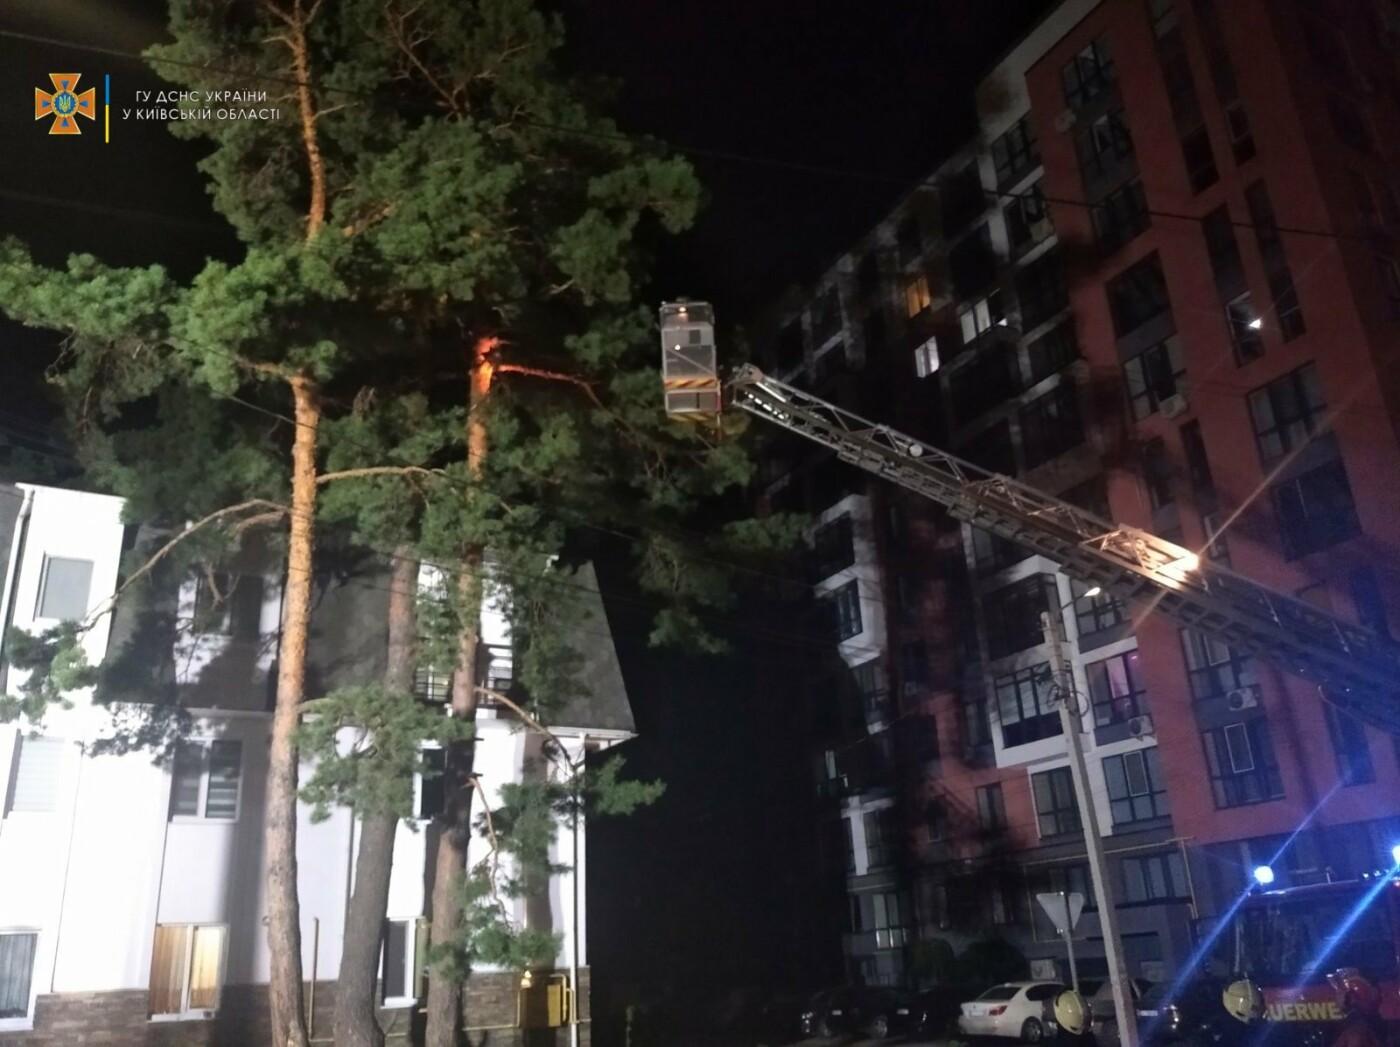 В городе Ирпень спасали застрявшего на дереве человека